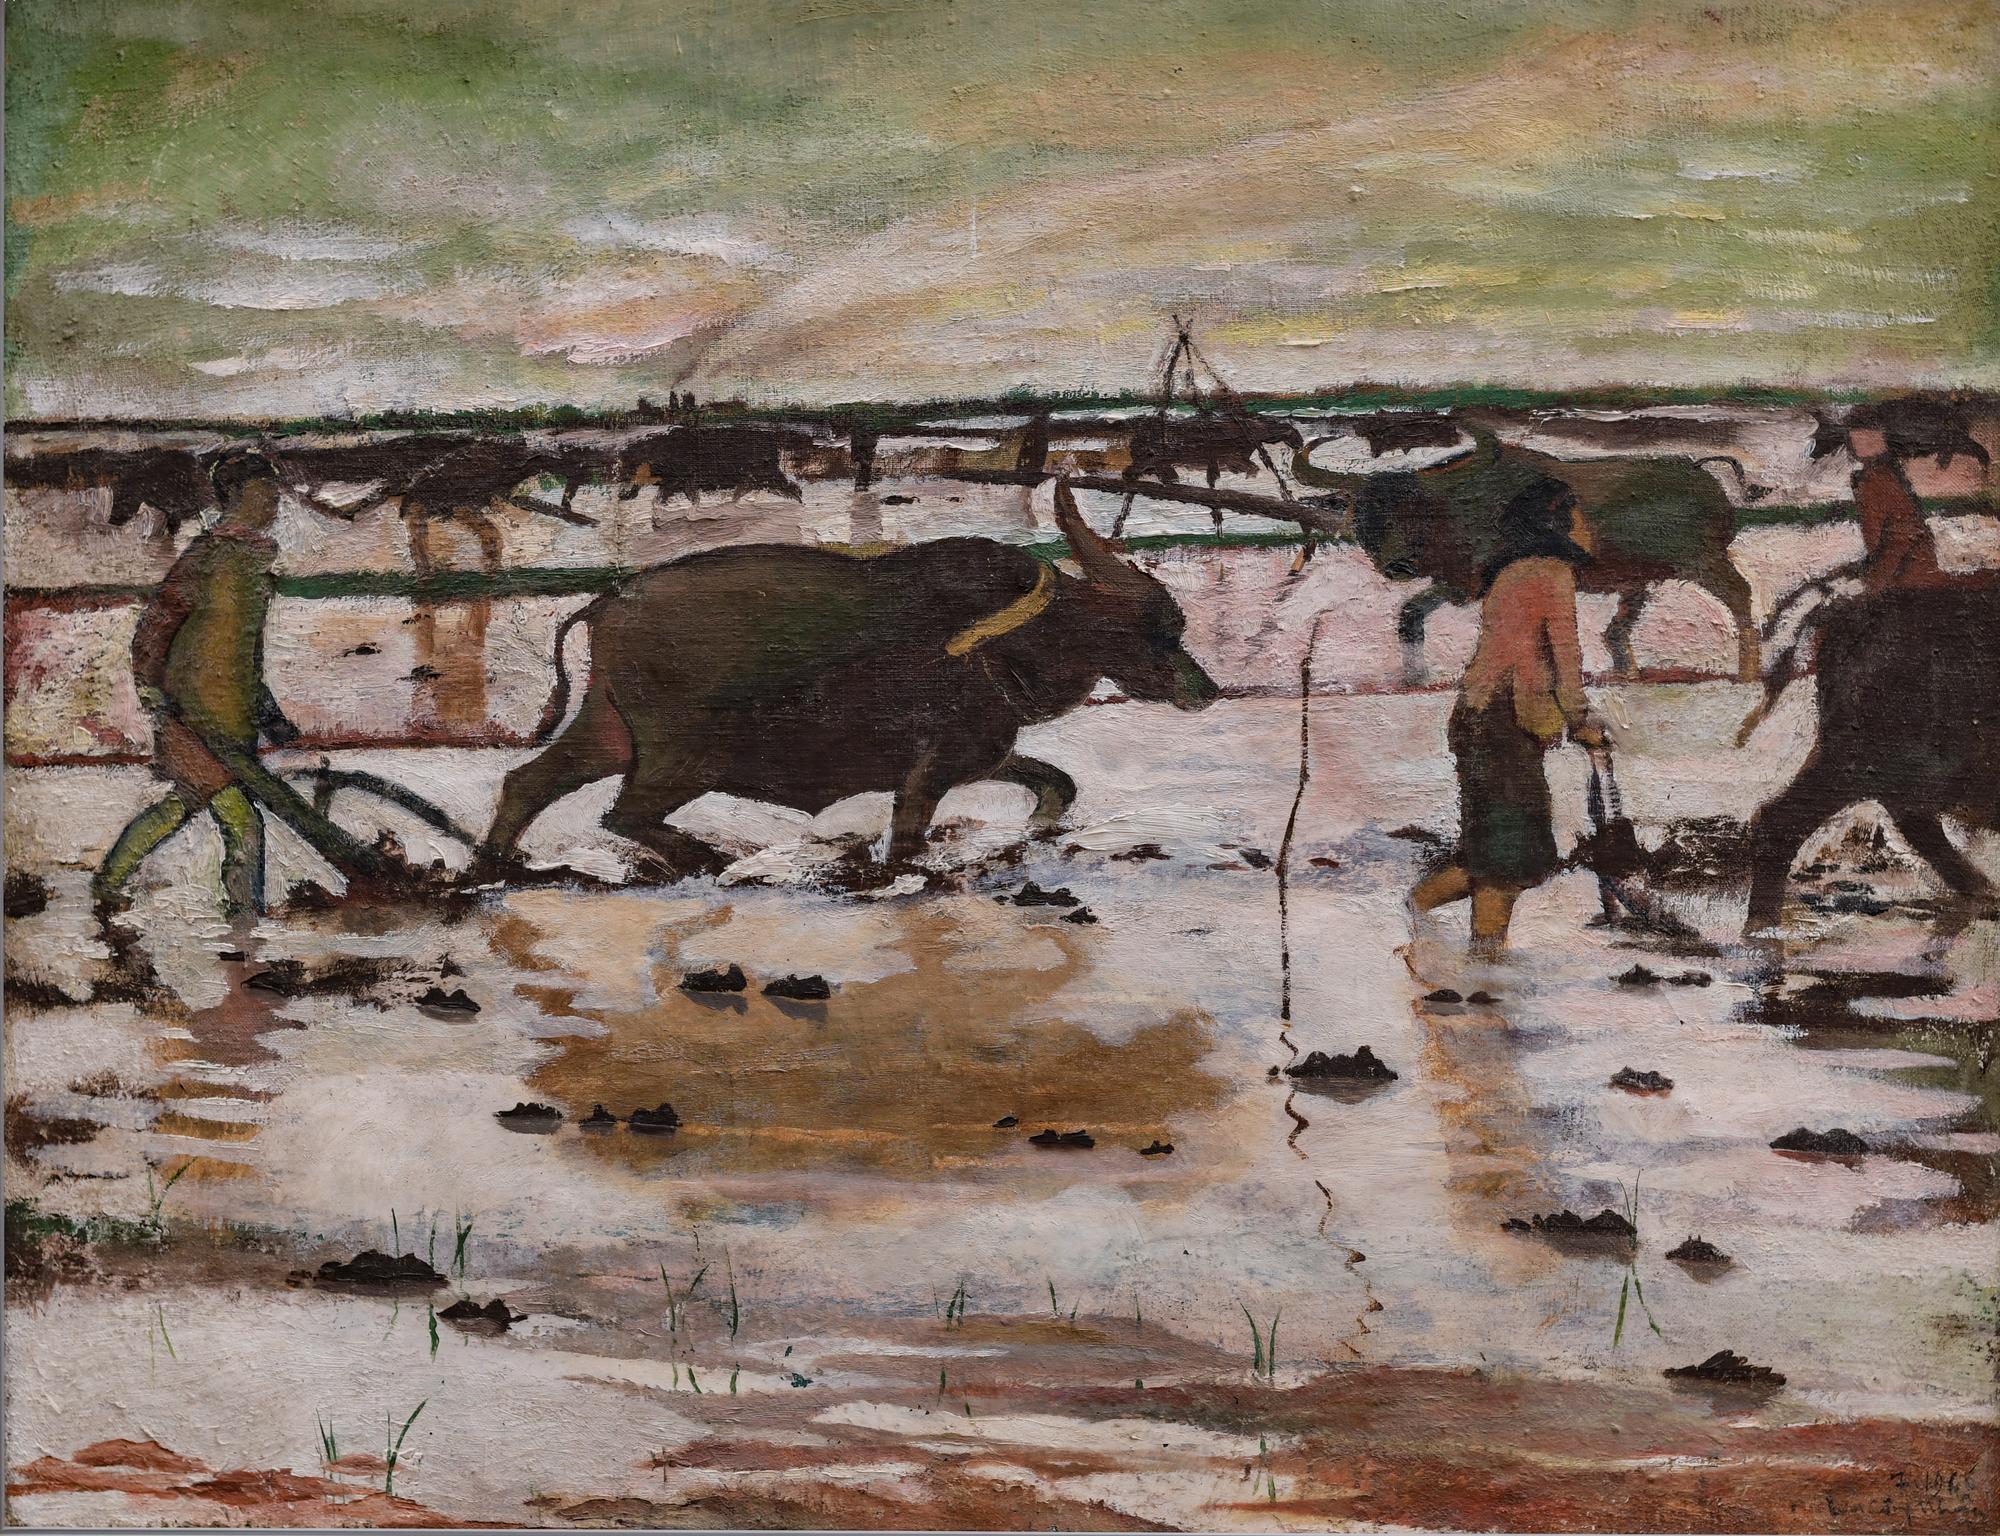 """Khai mạc trực tuyến triển lãm """"Chăn nuôi dưới góc nhìn nghệ thuật"""" - Ảnh 2."""